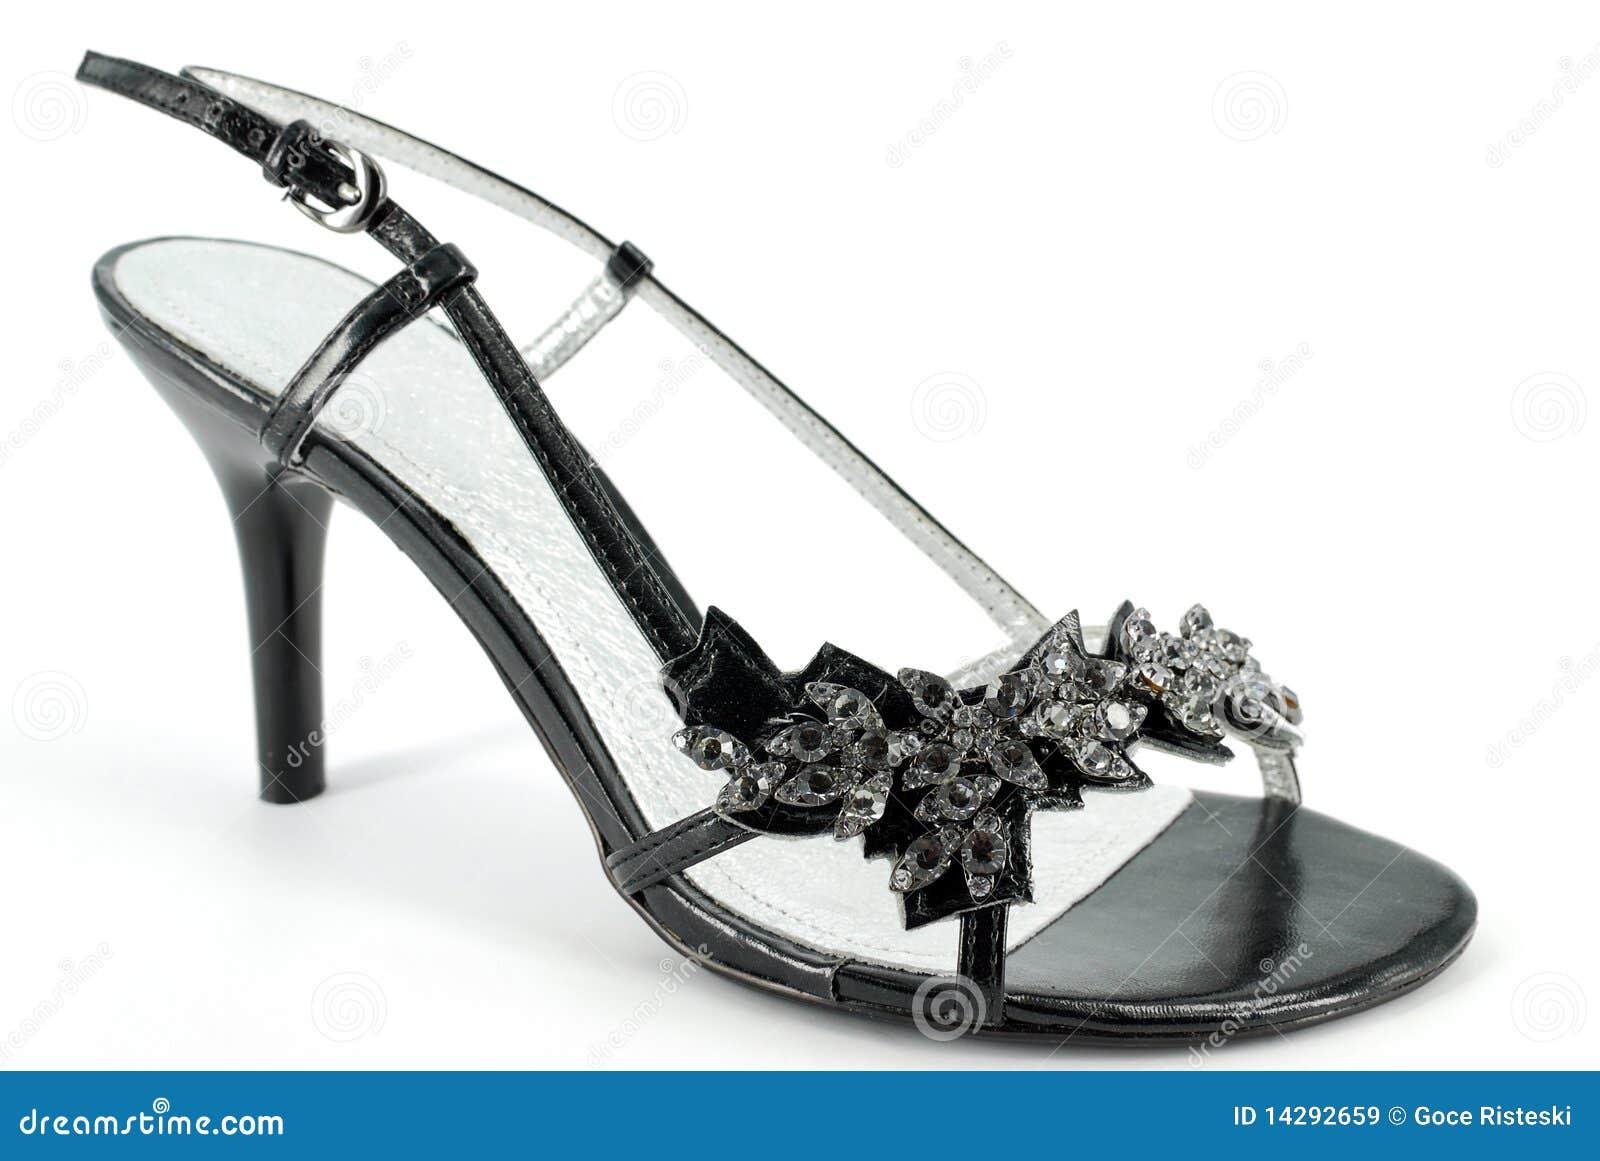 chaussure noire de haut talon de femme image stock image du su de pied 14292659. Black Bedroom Furniture Sets. Home Design Ideas